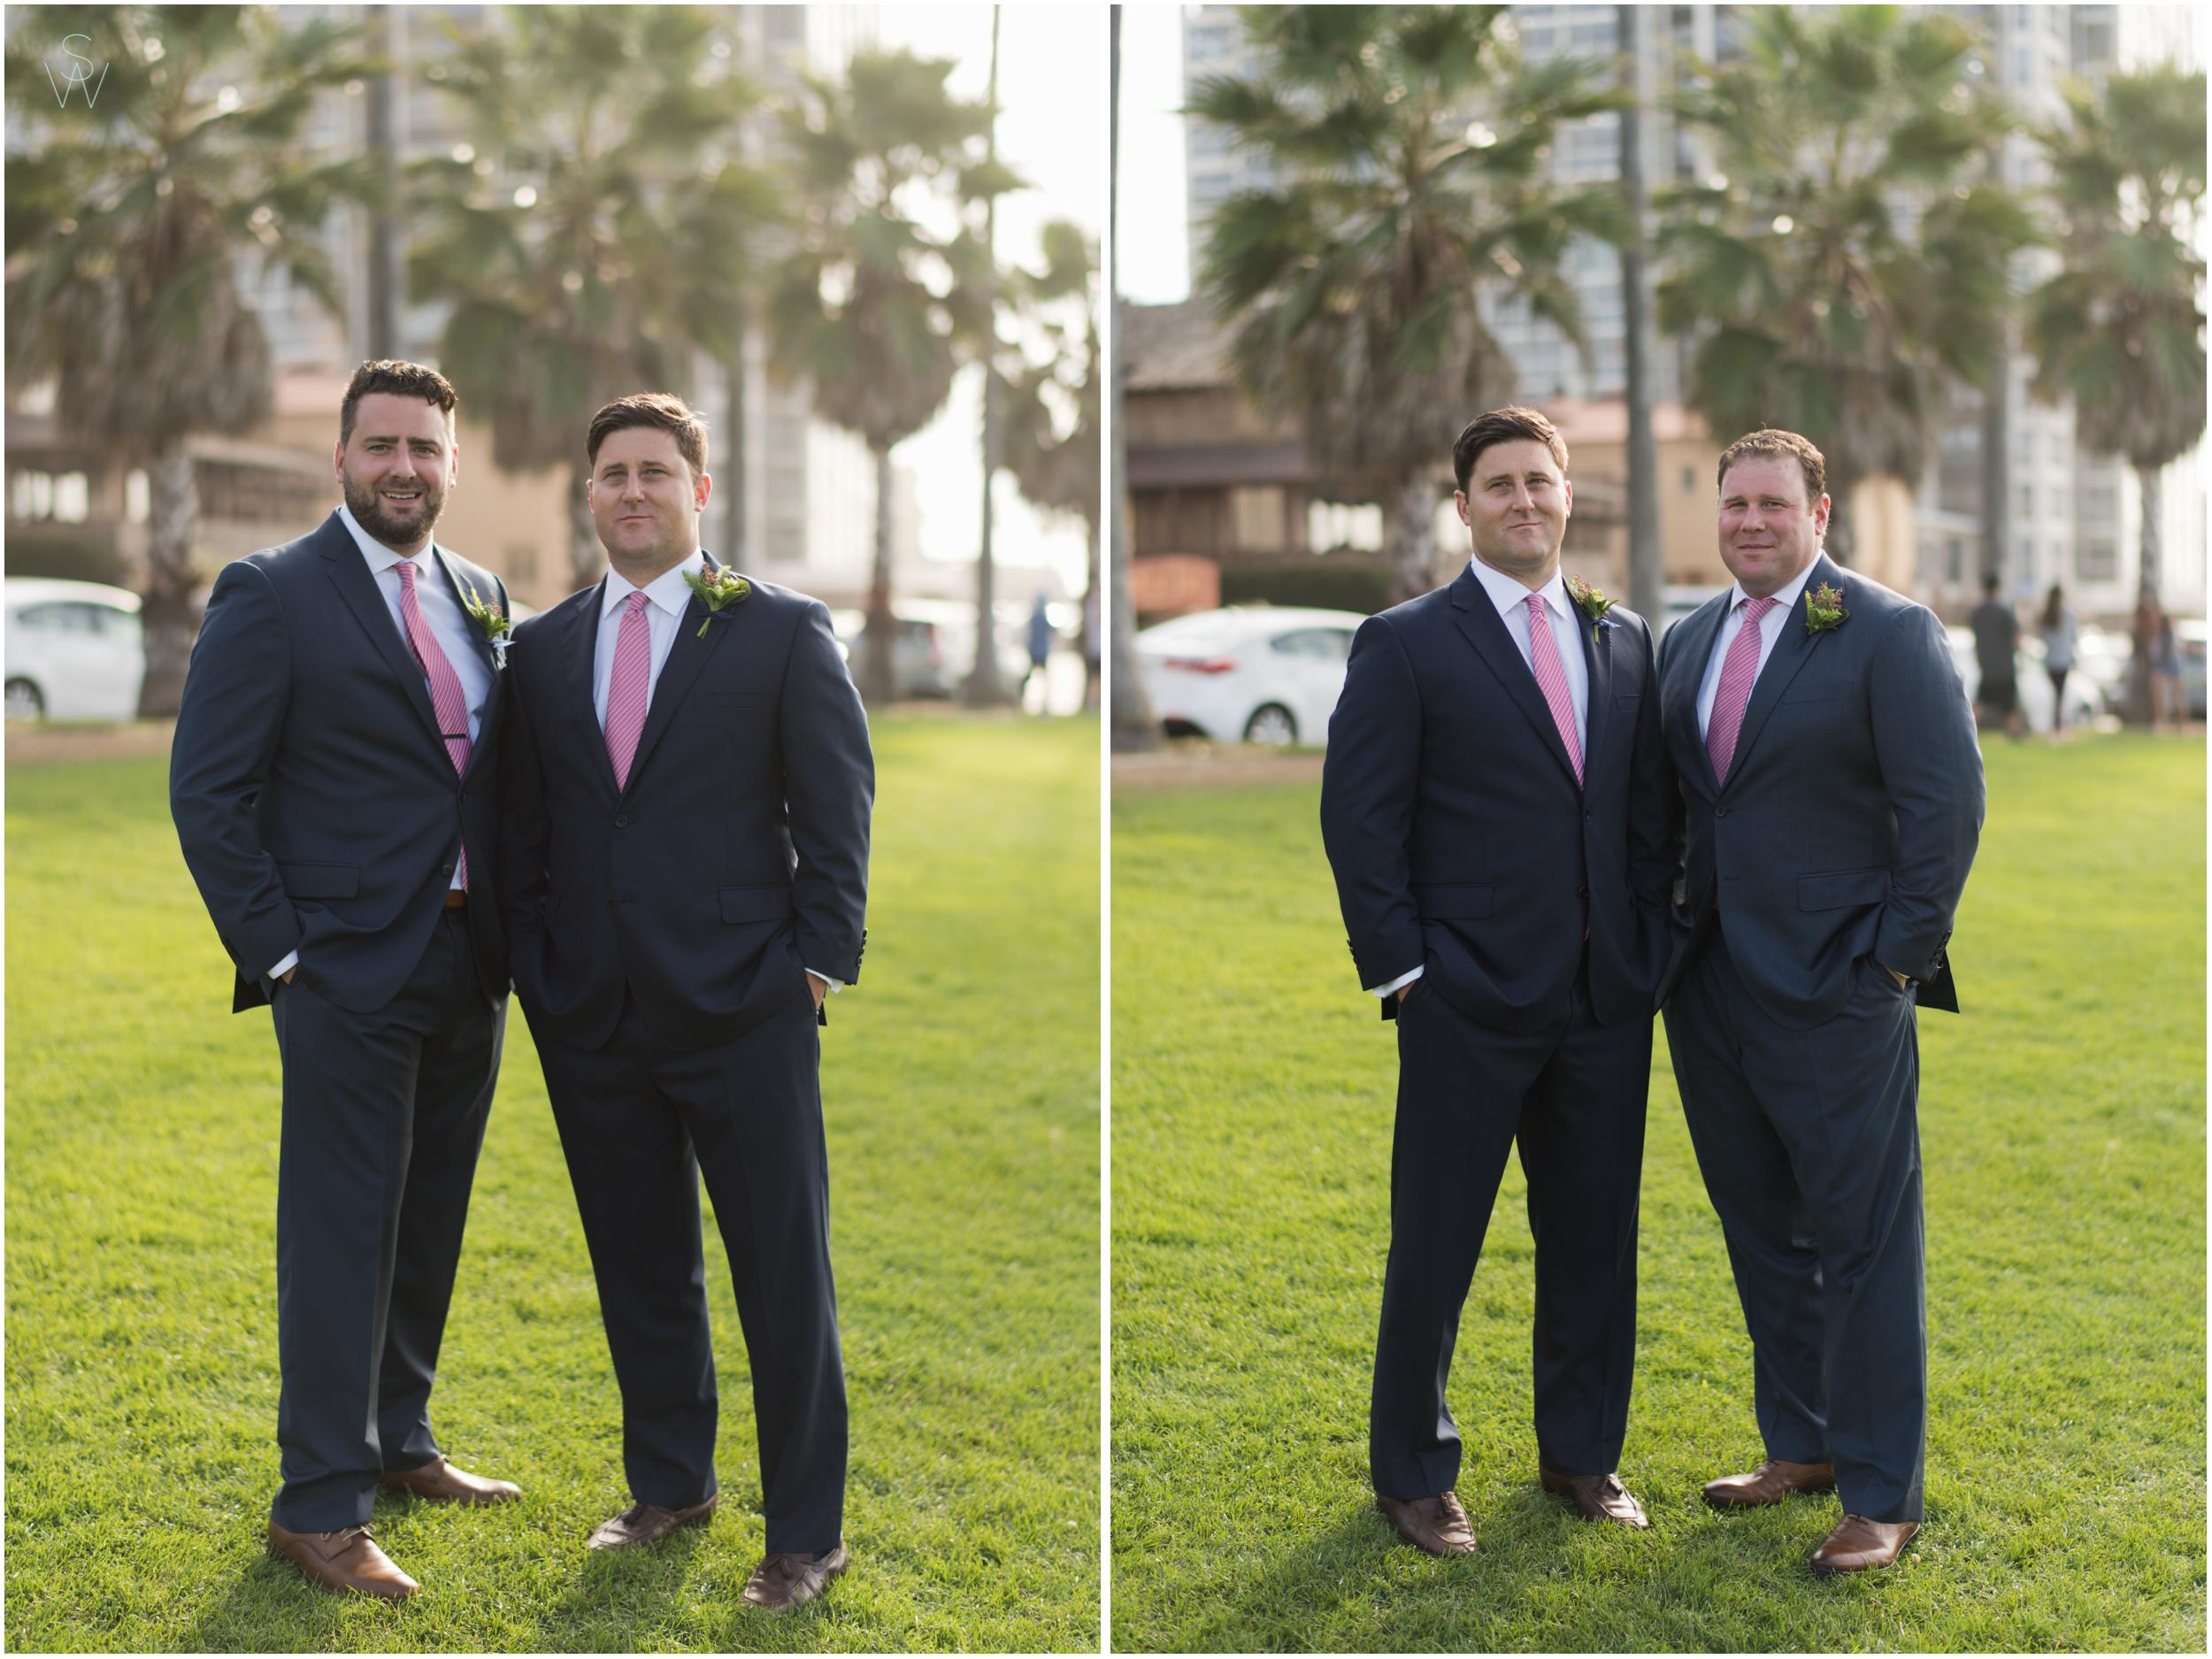 Colleen.Kyle20190122Shewanders.granddelmar.wedding 0459.jpg